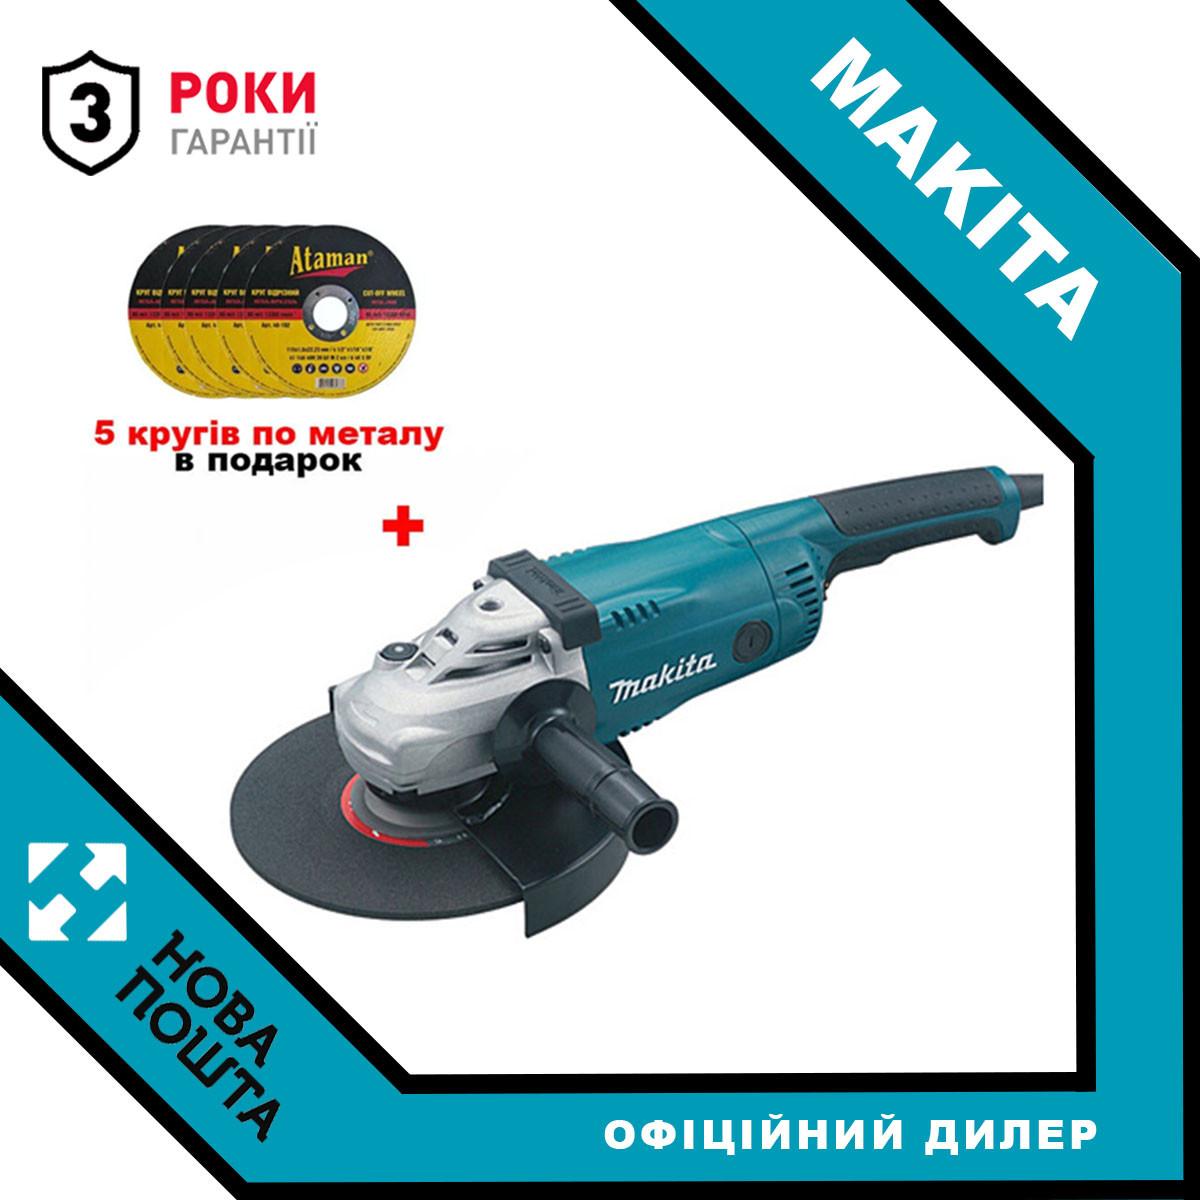 Болгарка MAKITA GA9020SF + в подарунок 5 кругів по металу!